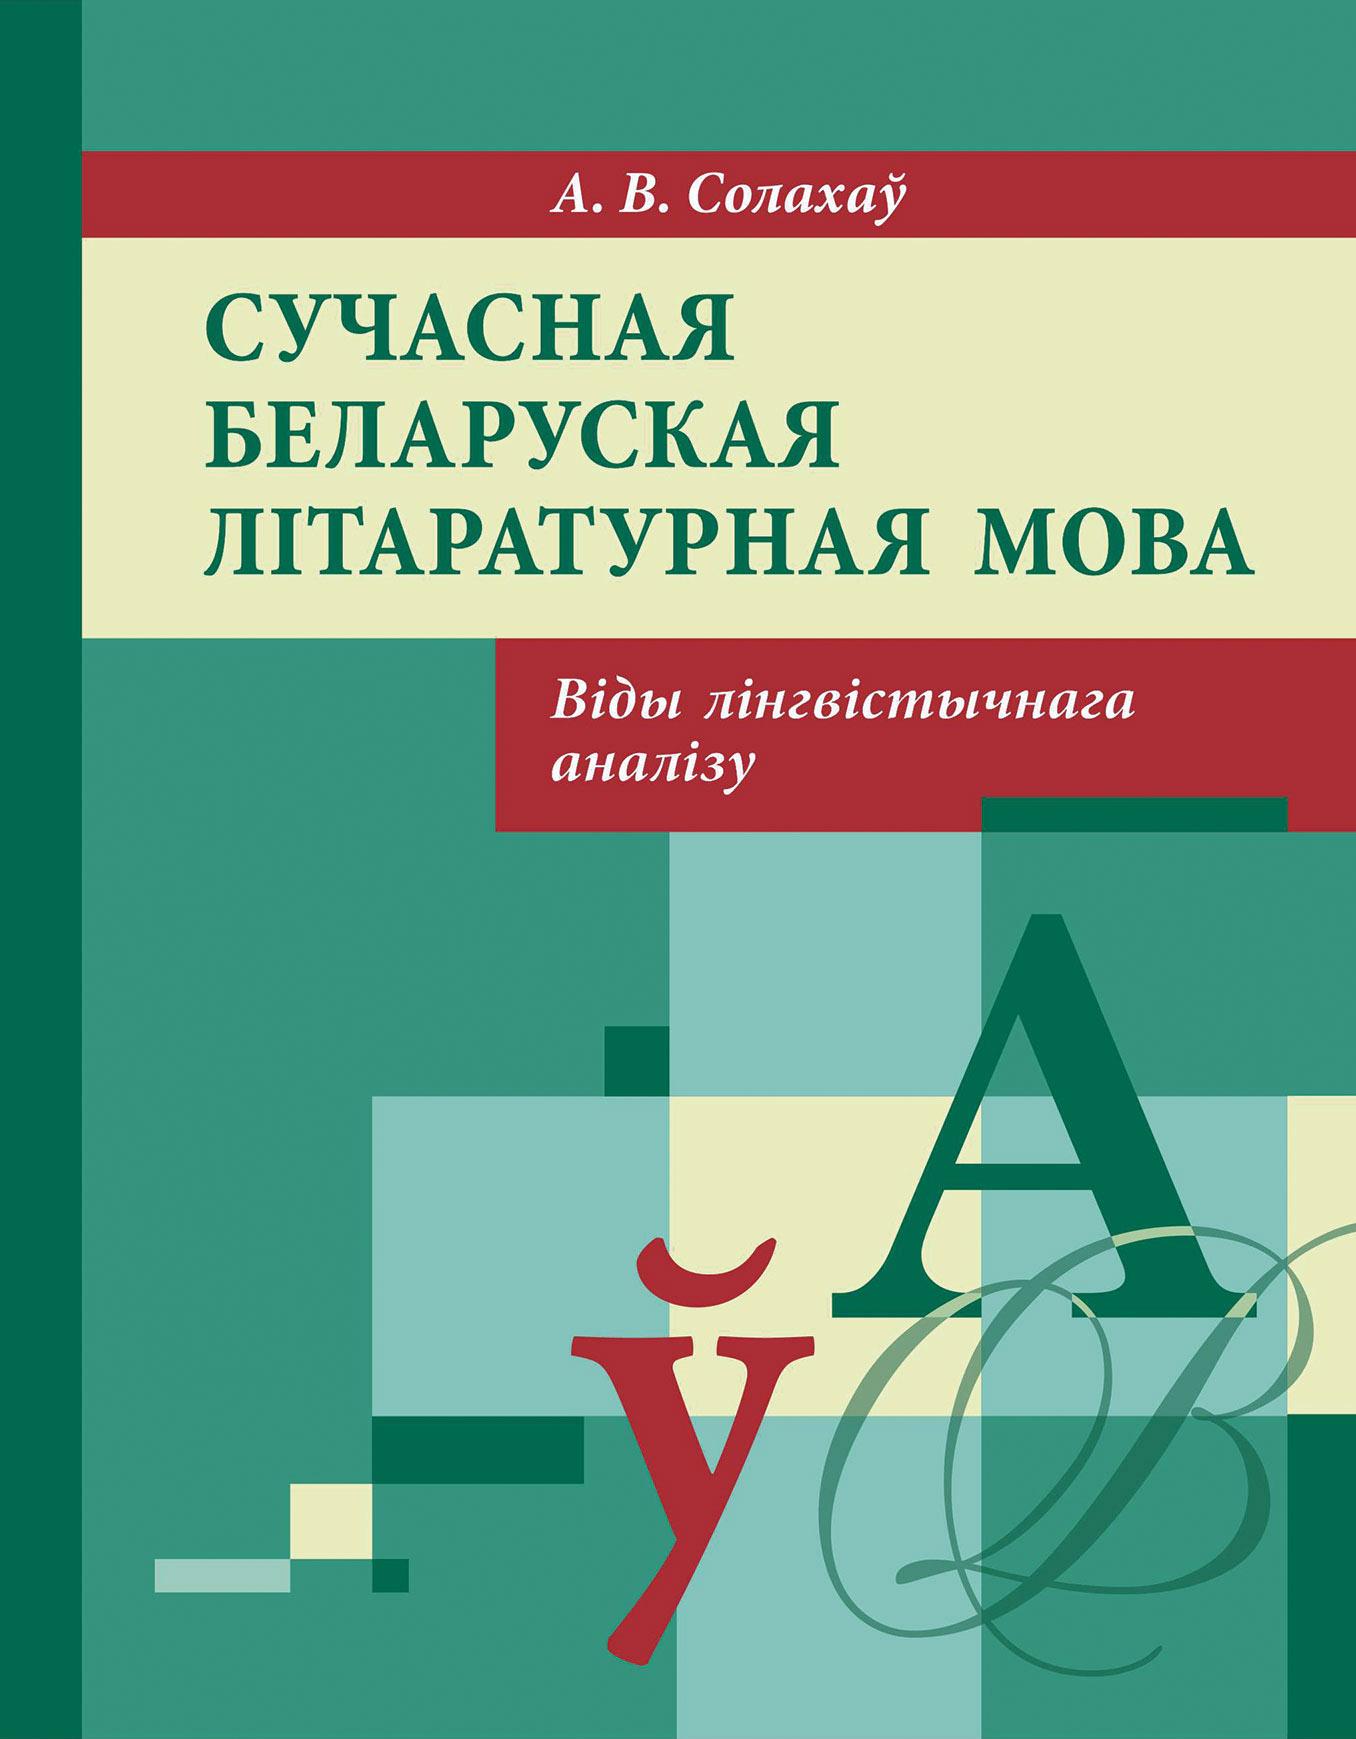 Сучасная беларуская літаратурная мова. Віды лінгвістычнага аналізу